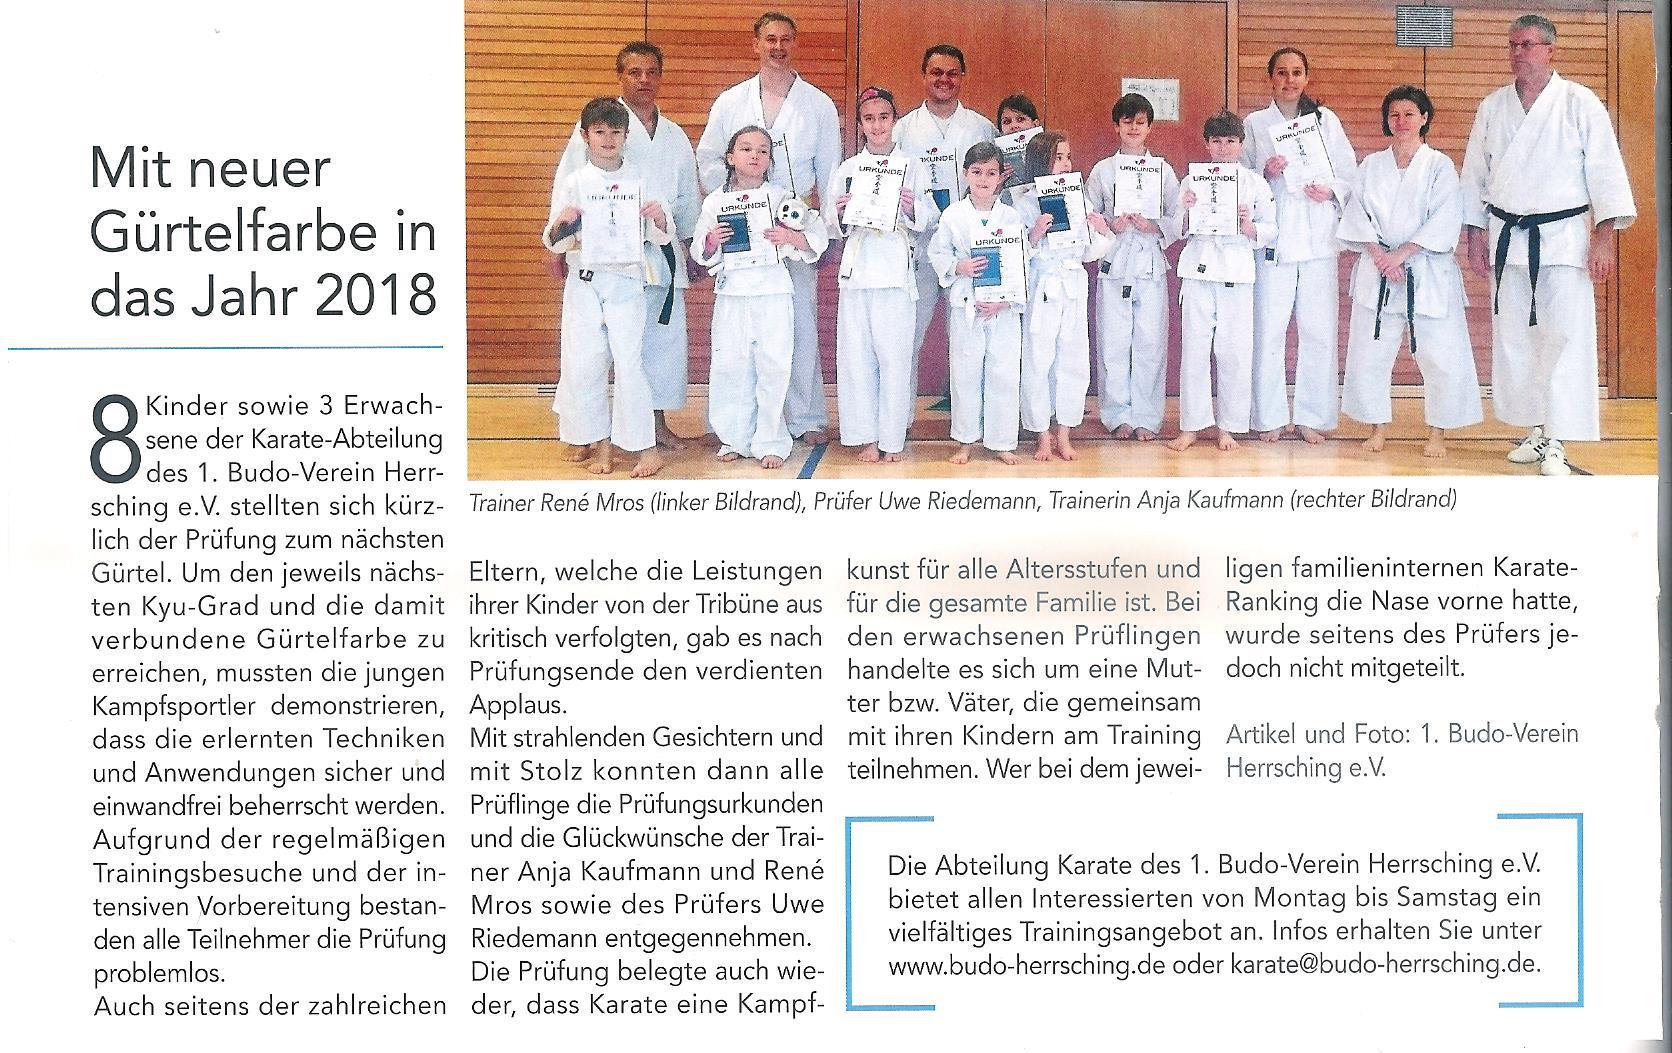 Mit neuer g rtelfarbe in das jahr 2018 budo herrsching for Spiegel juli 2018